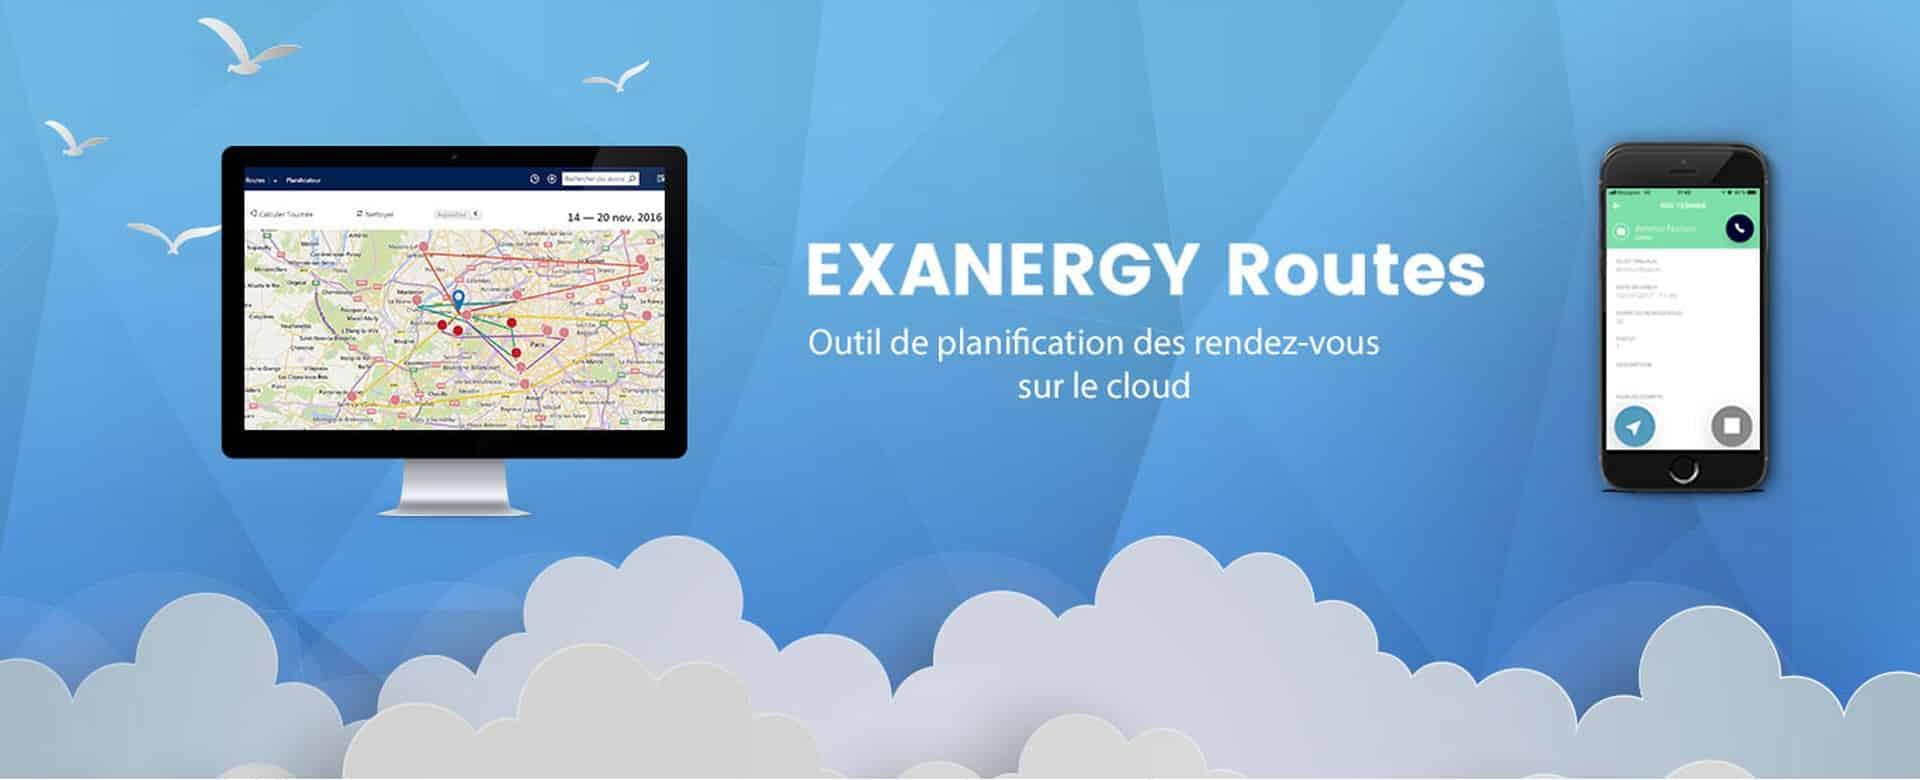 Bannière Exanergy routes